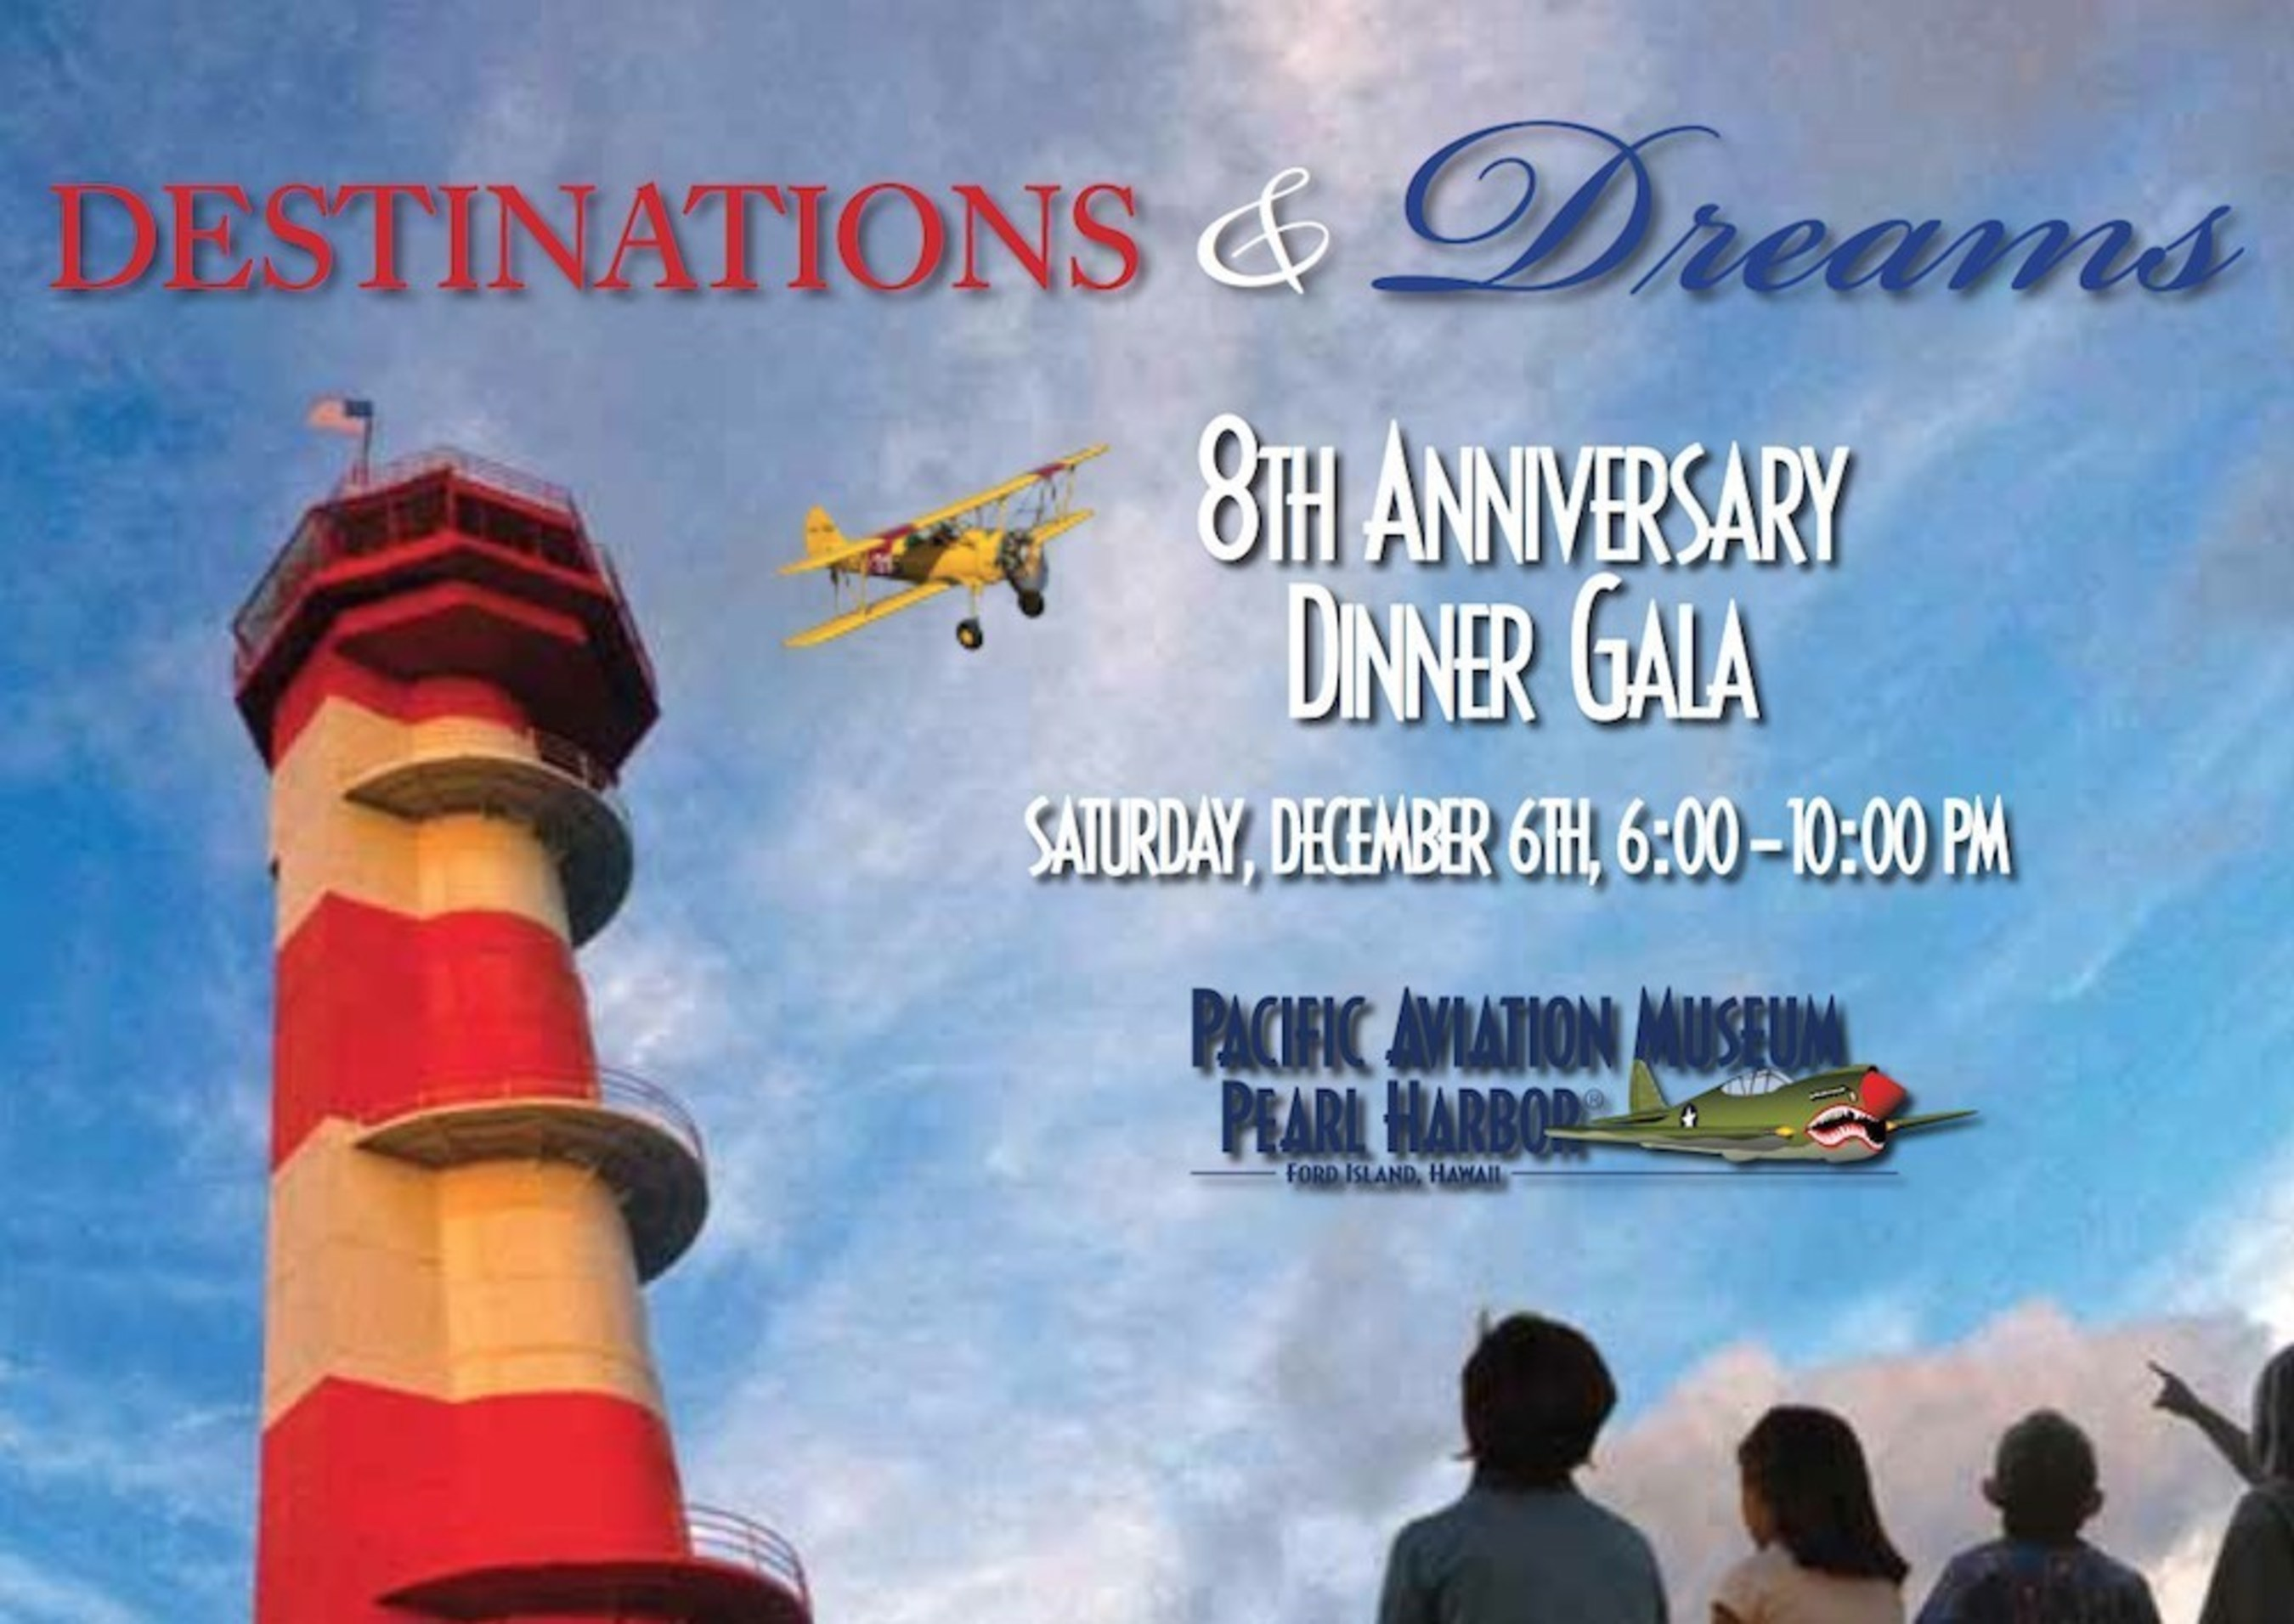 8th Work Anniversary Harbor 39 s 8th Anniversary